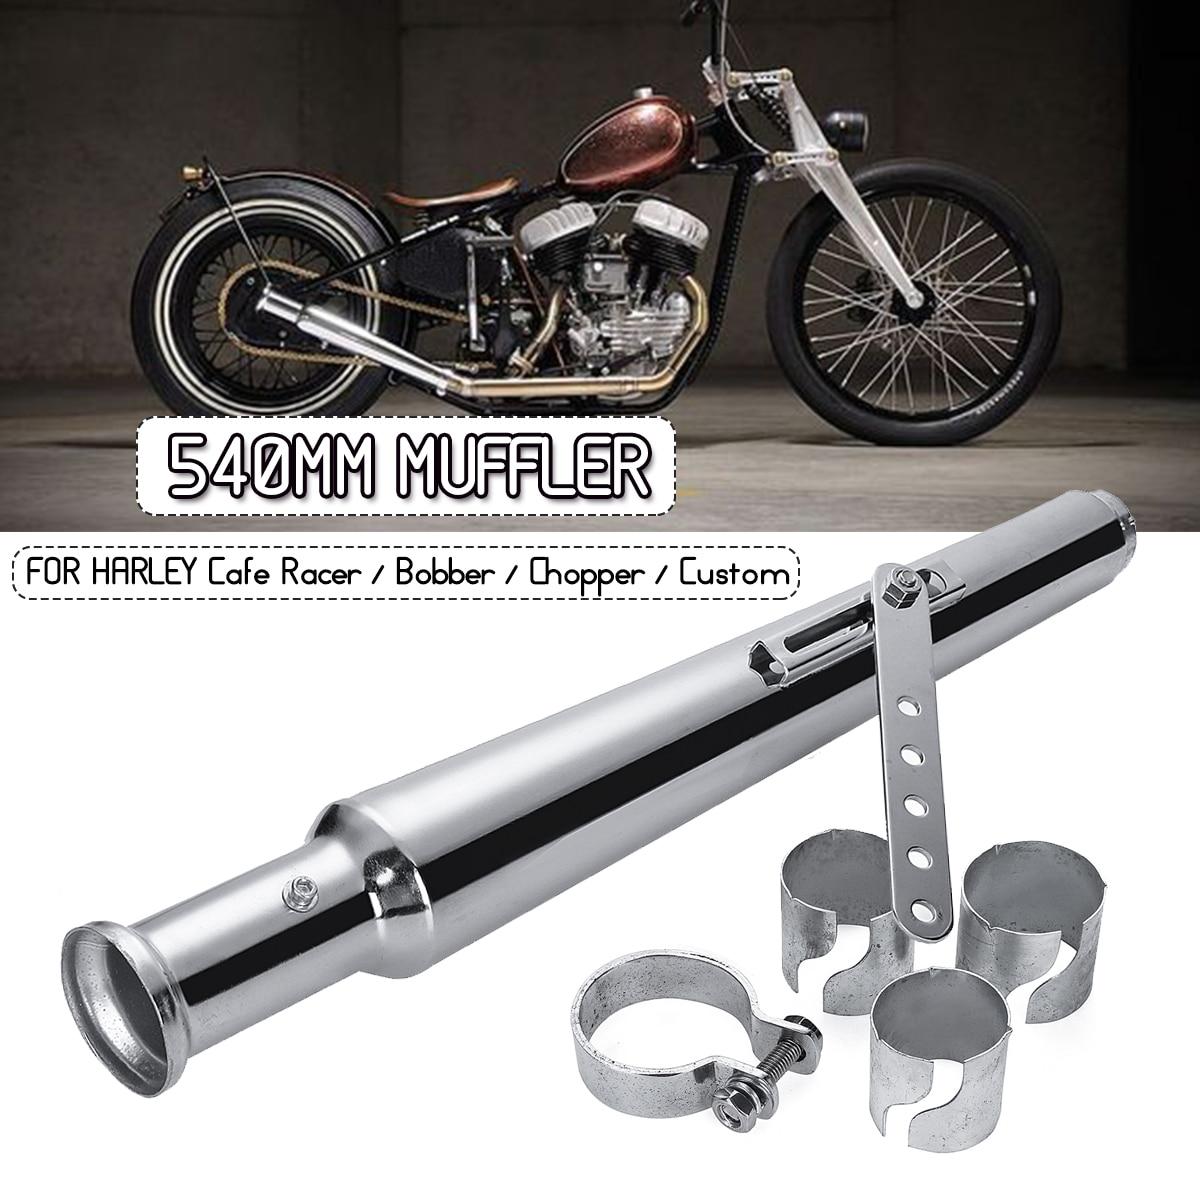 Silencieux de silencieux de tuyau d'échappement de queue de moto de 540MM pour le hachoir de Bobber de coureur de café de Harley fait sur commande